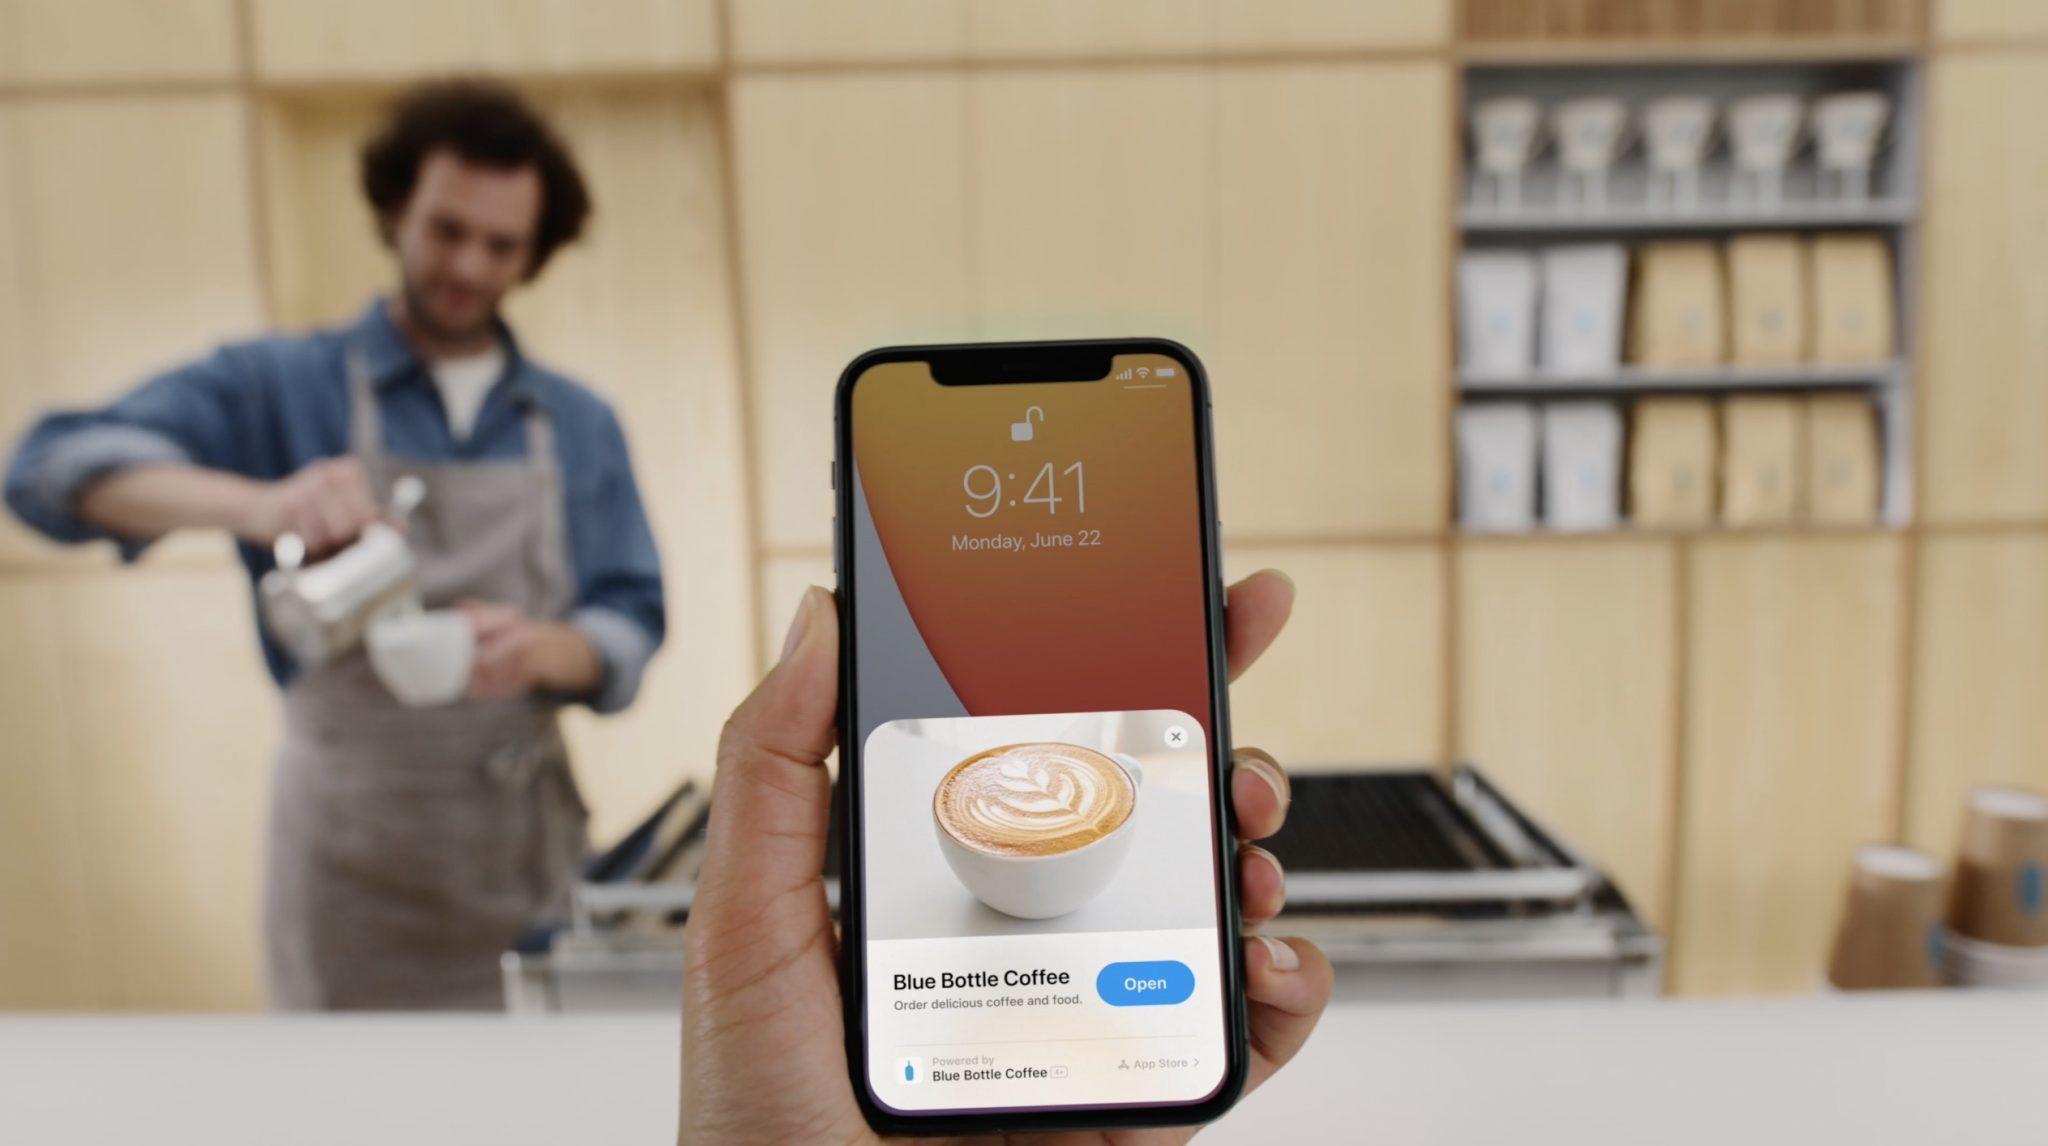 IOS 14 : App Clip ảnh hưởng đến chiến lược tiếp thị trên ứng dụng di động